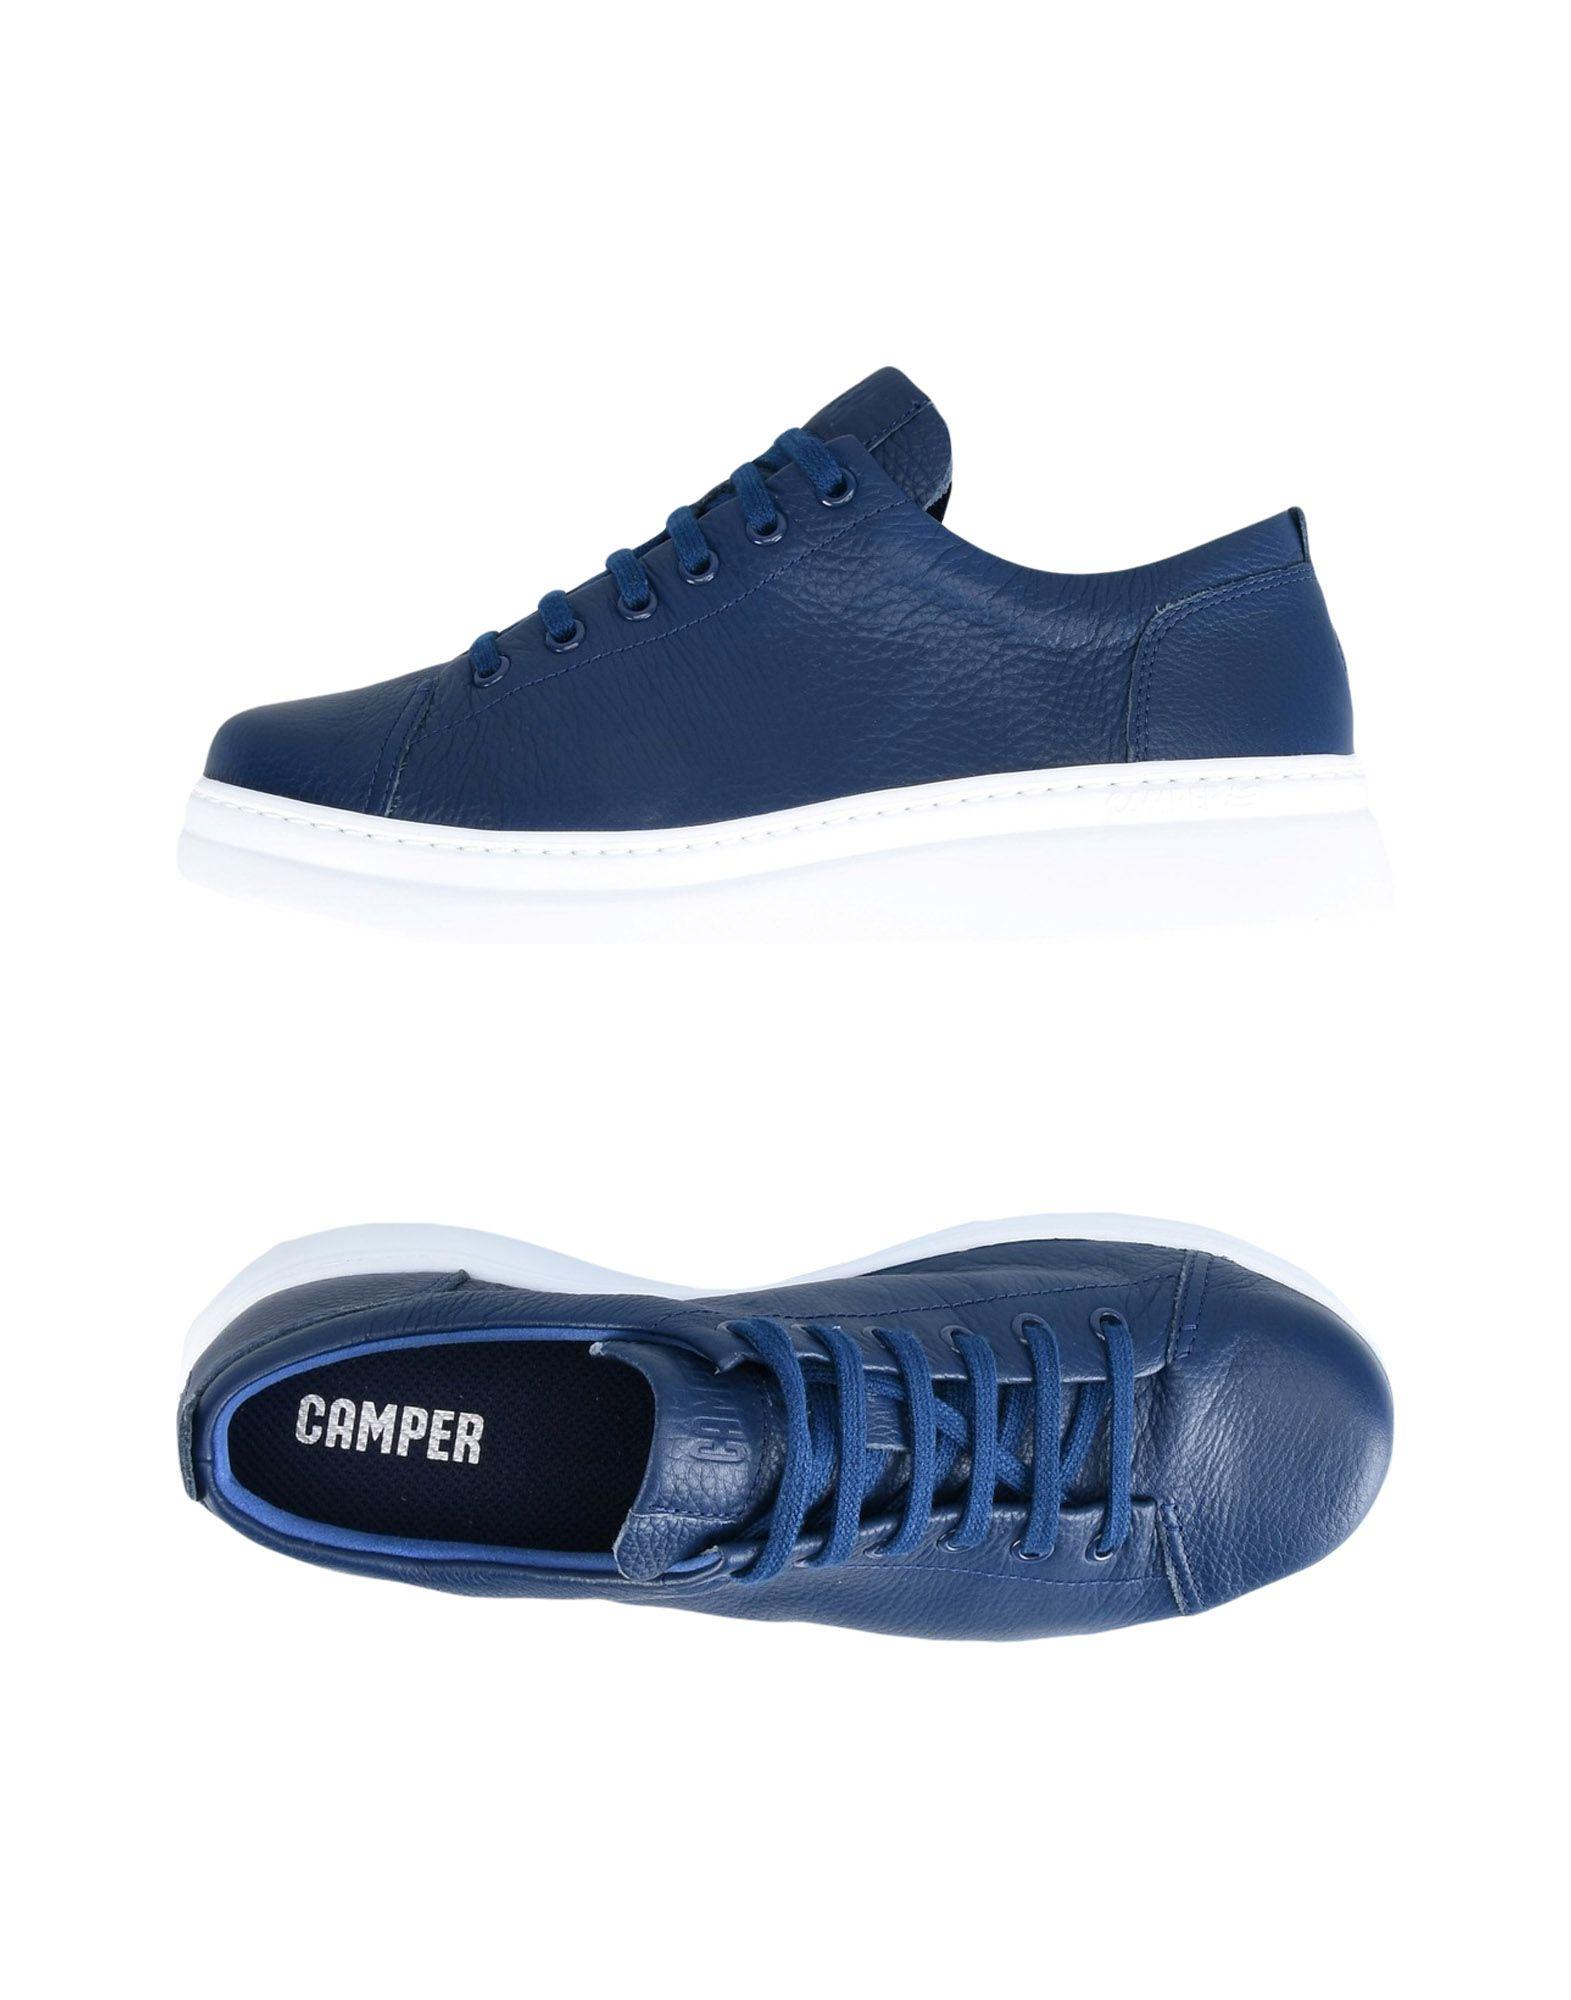 Camper Sneakers Damen sich Gutes Preis-Leistungs-Verhältnis, es lohnt sich Damen 21755 9a57bf